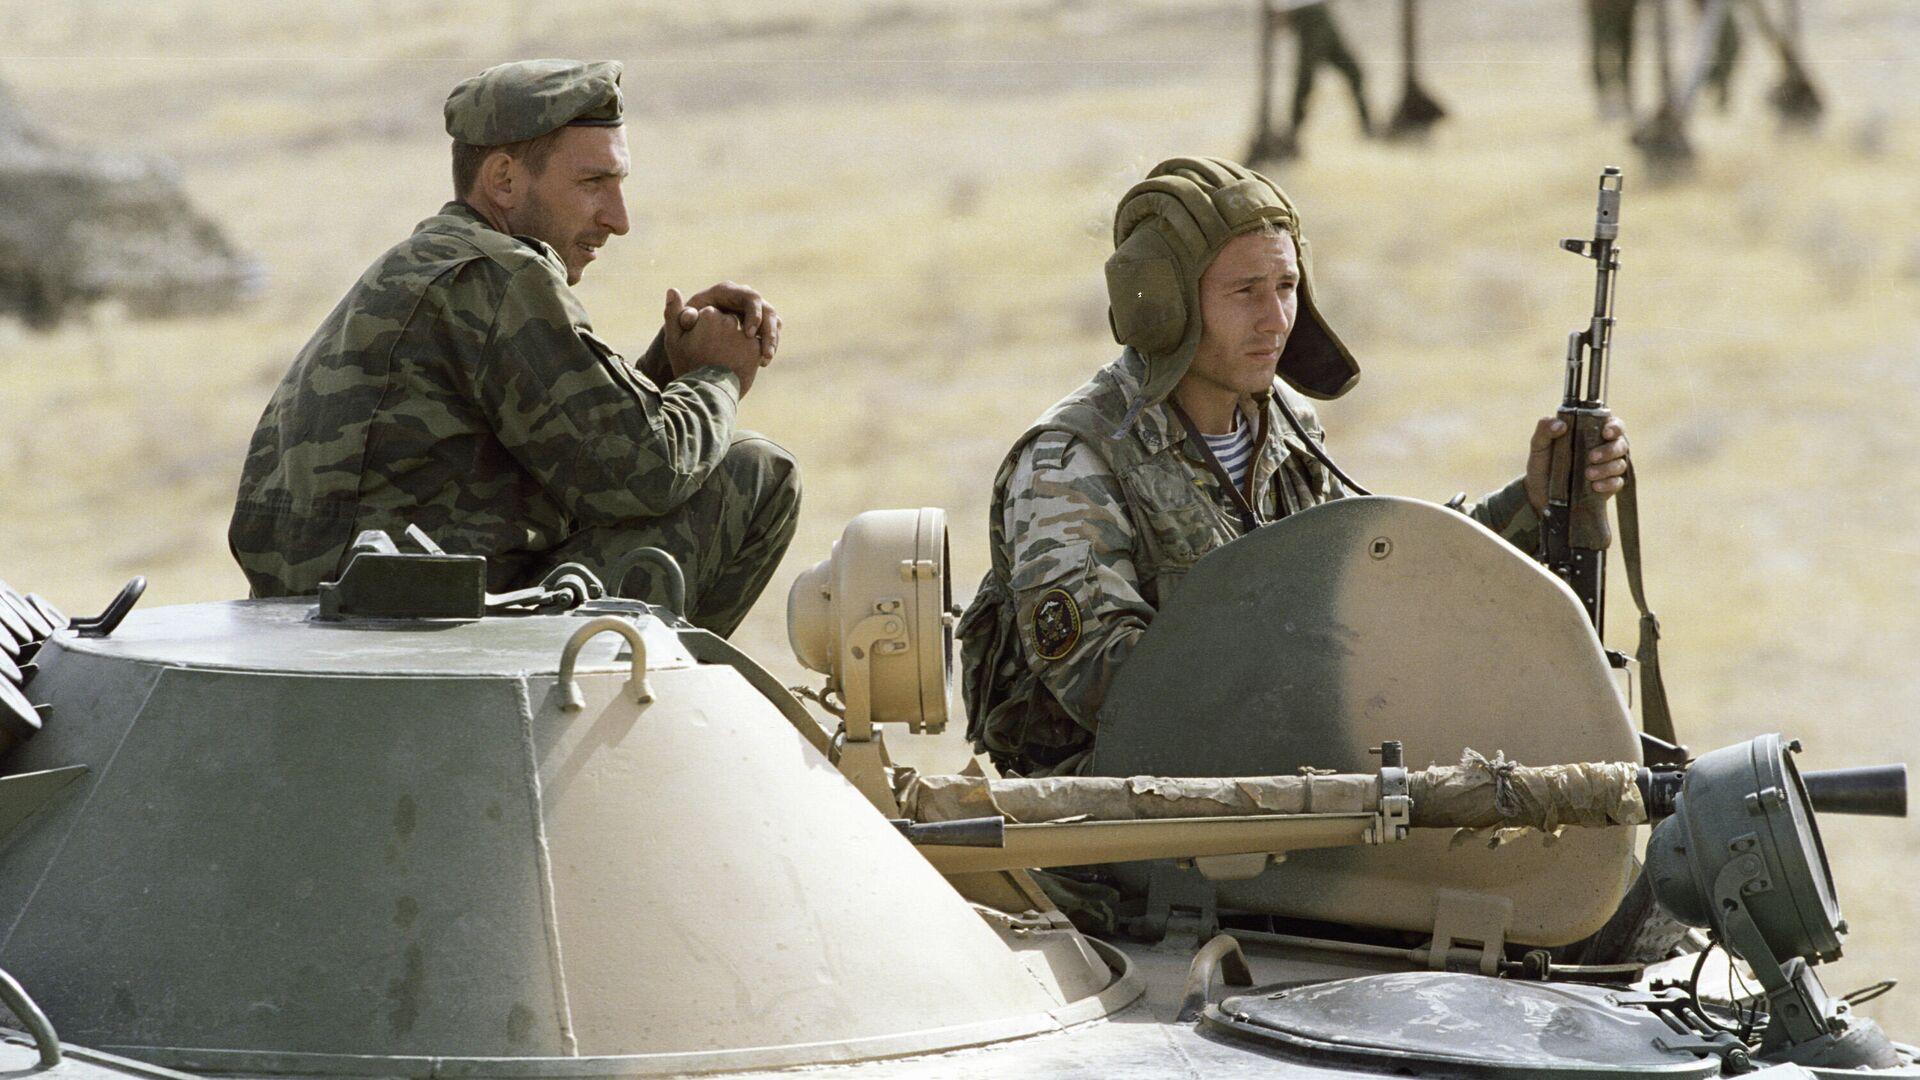 Guardias fronterizos rusos vigilan un tramo de la frontera entre Tayikistán y Afganistán - Sputnik Mundo, 1920, 27.07.2021